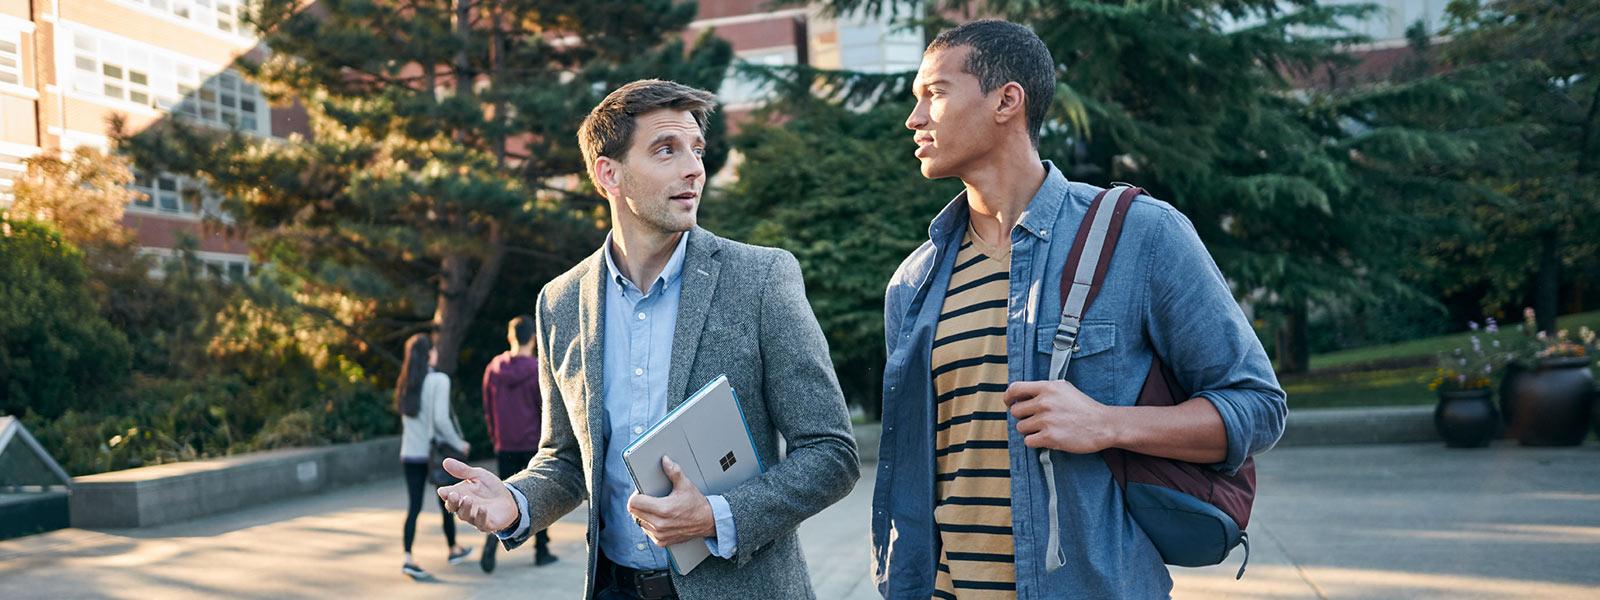 ผู้ชายสองคนกำลังเดินในมหาวิทยาลัย คนหนึ่งถือ Surface Pro 4.